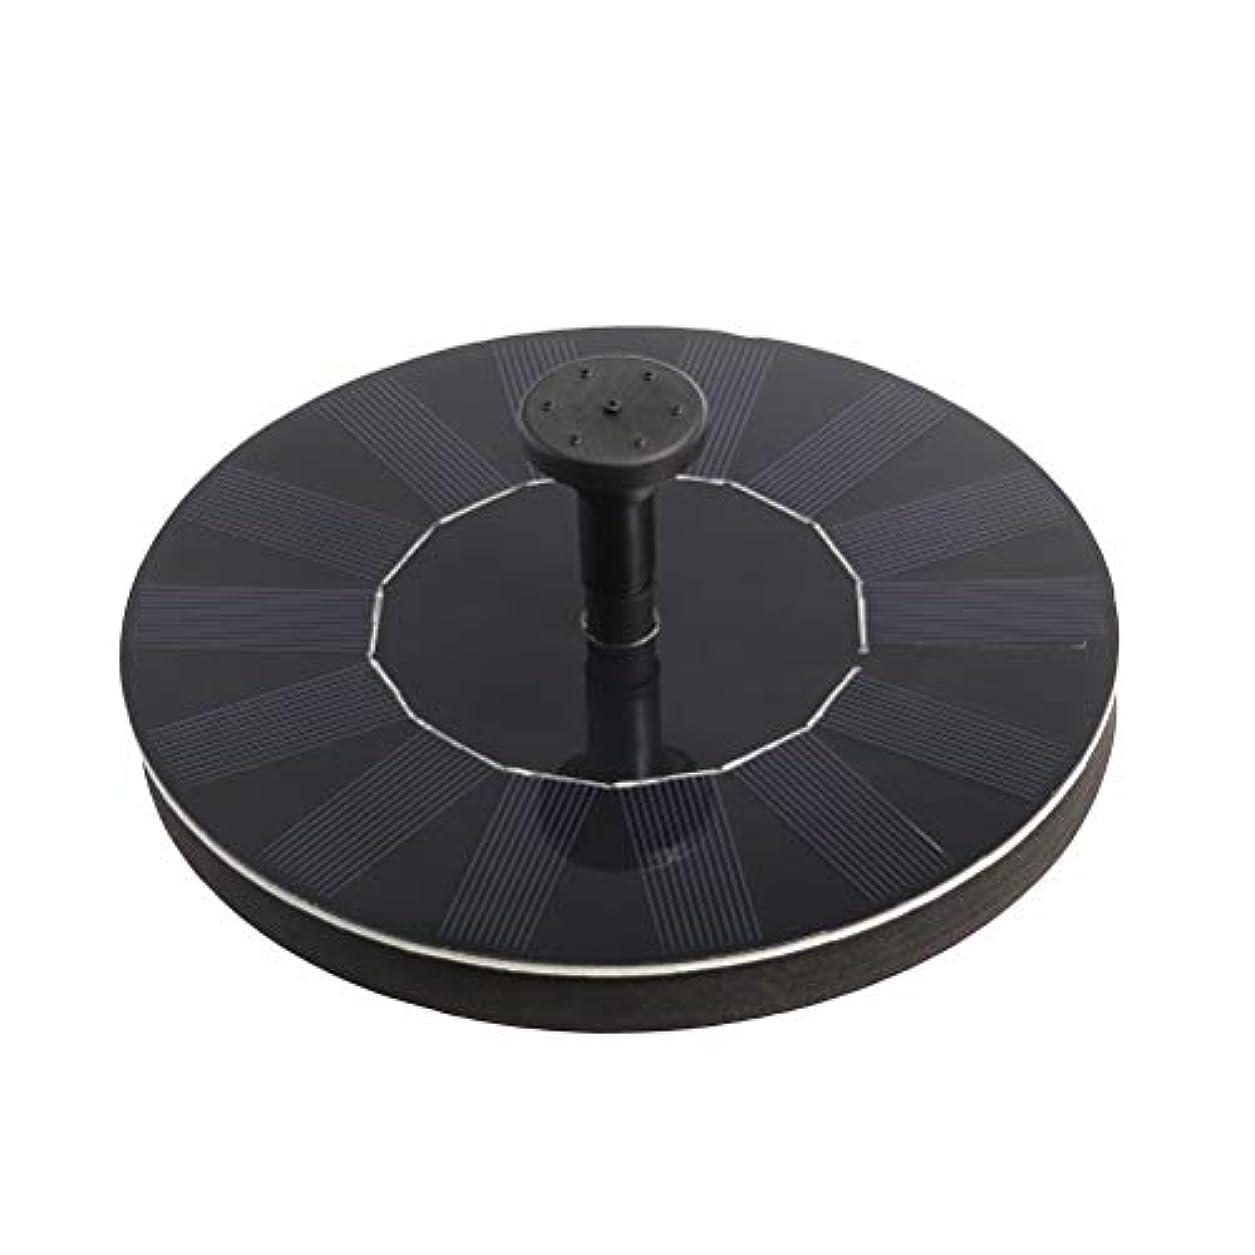 に慣れ永遠のボクシングLIOOBO 1.4ワットソーラーパワーポンプバードバス噴水ポンプ1.4ワットソーラーウォーターポンプキット用バードバスウォーター(ブラック)